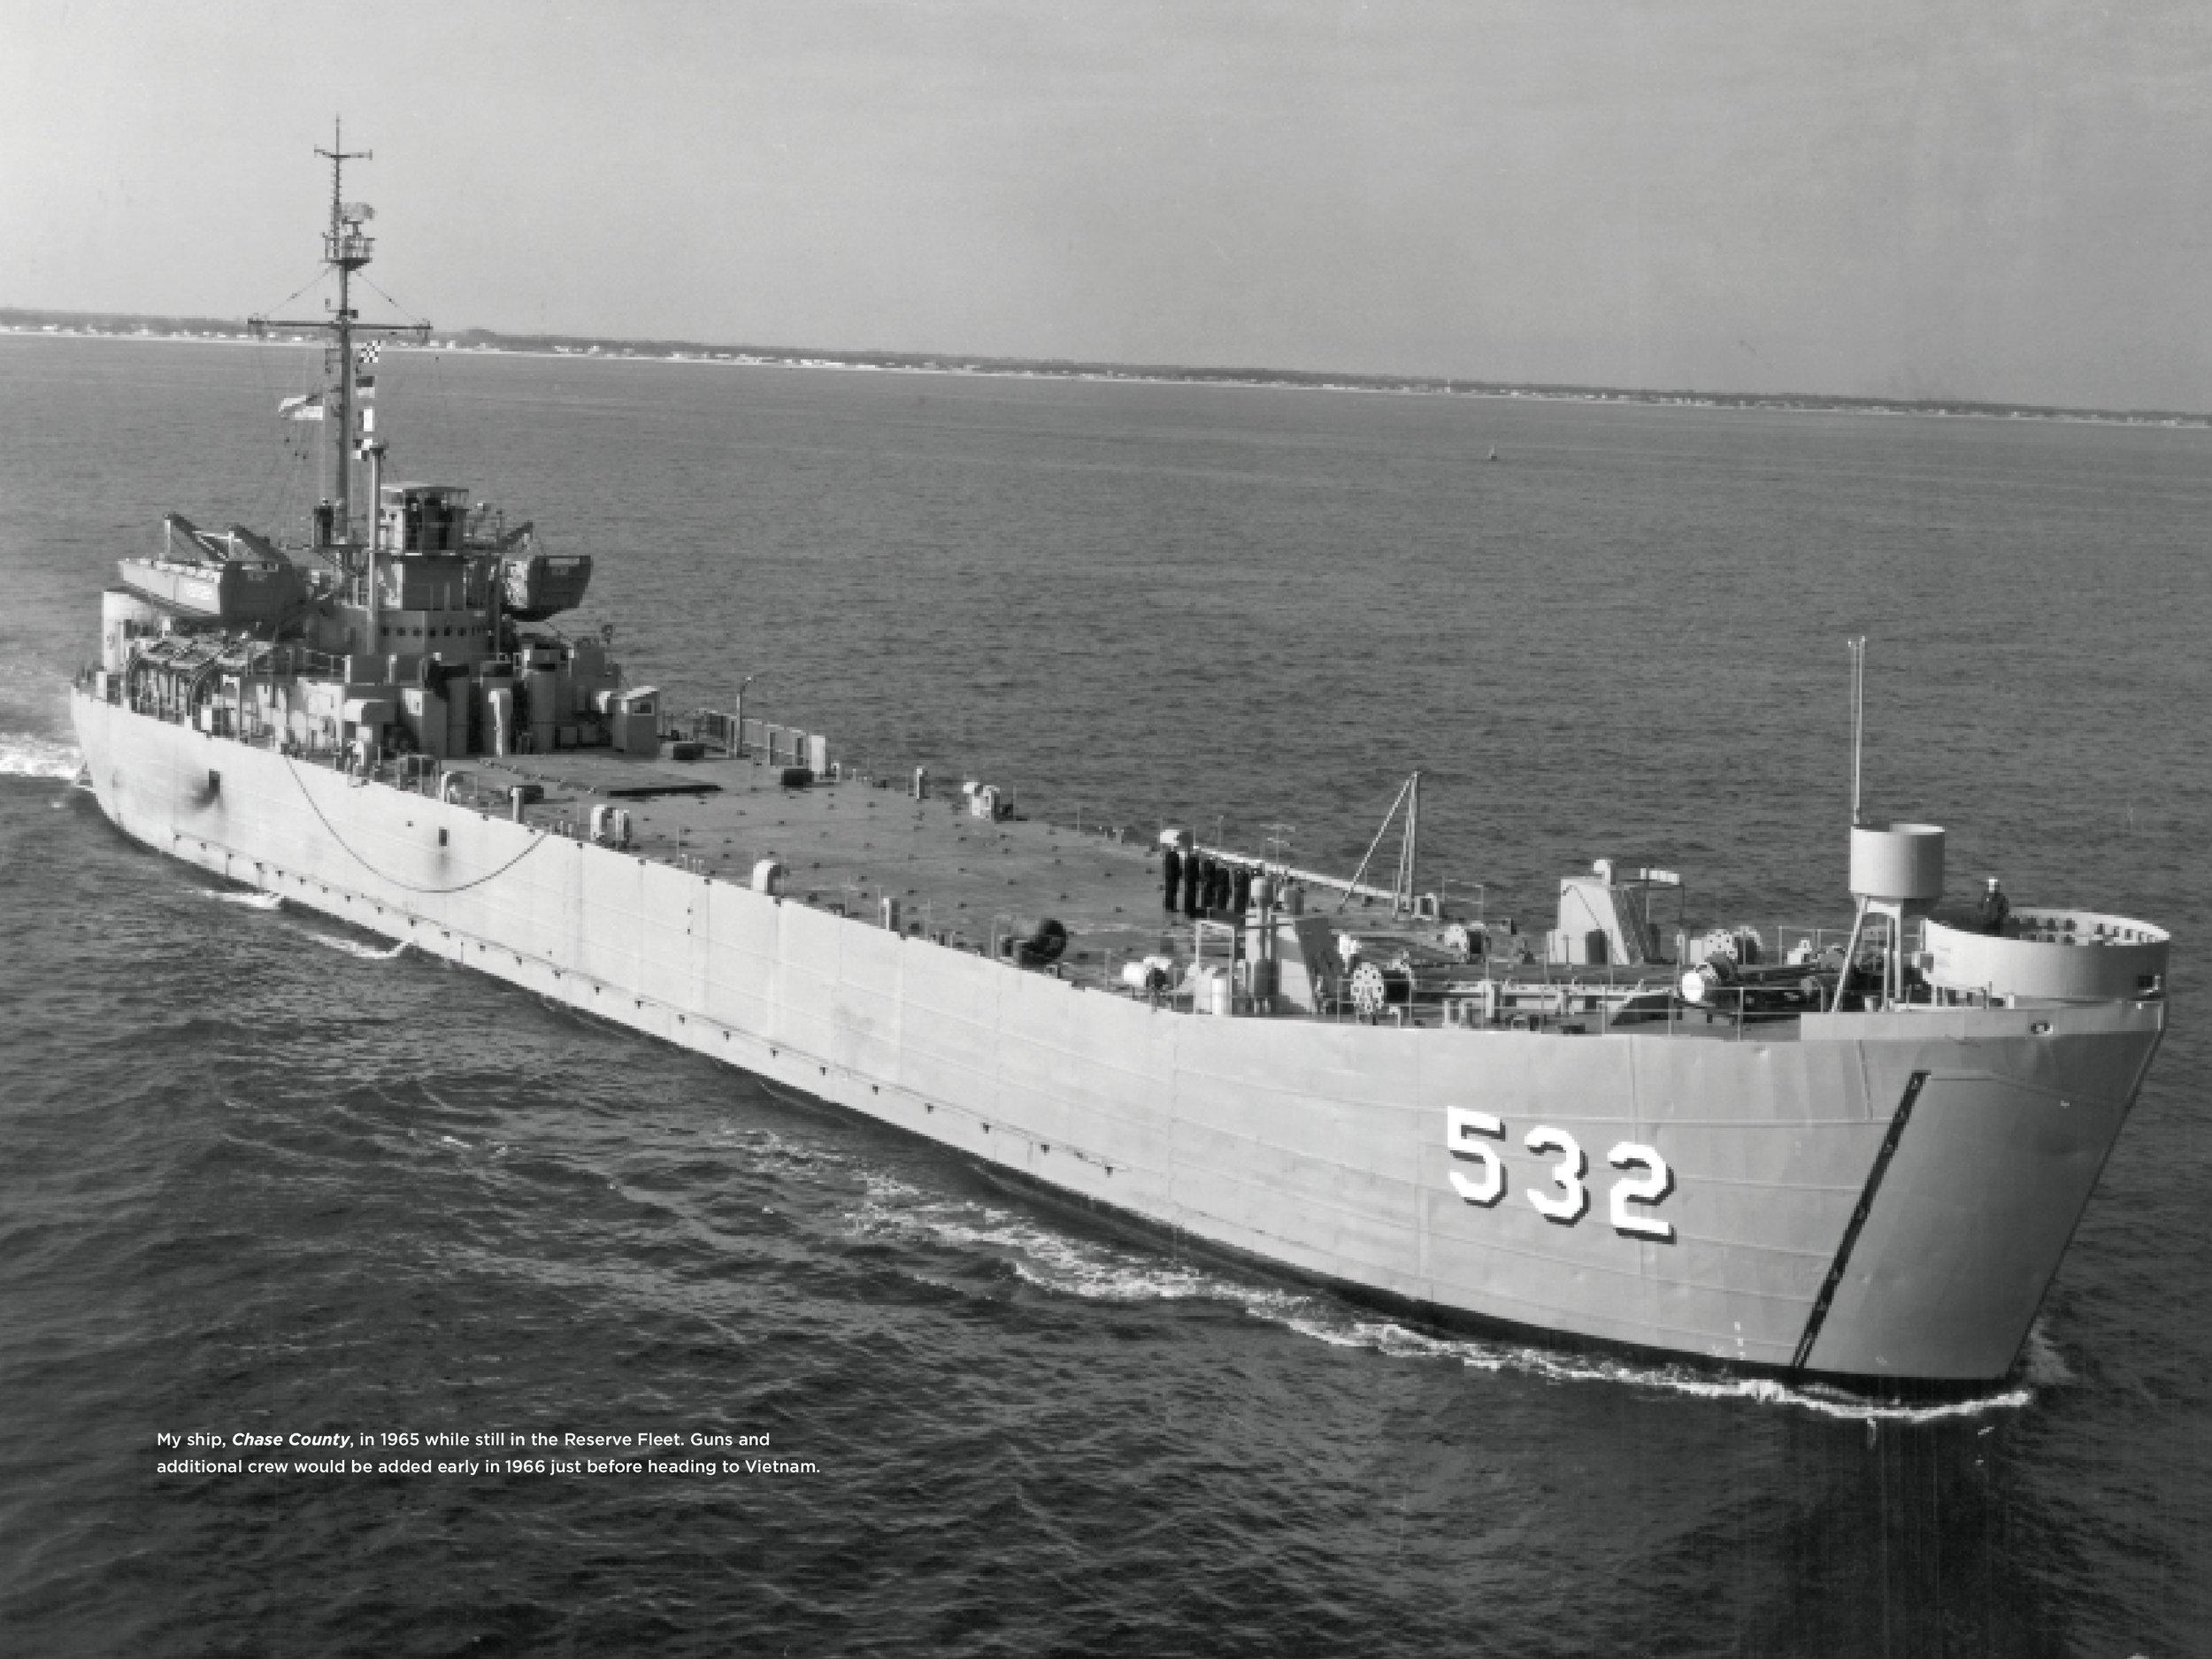 1966.shipimagebleedspread.jpg